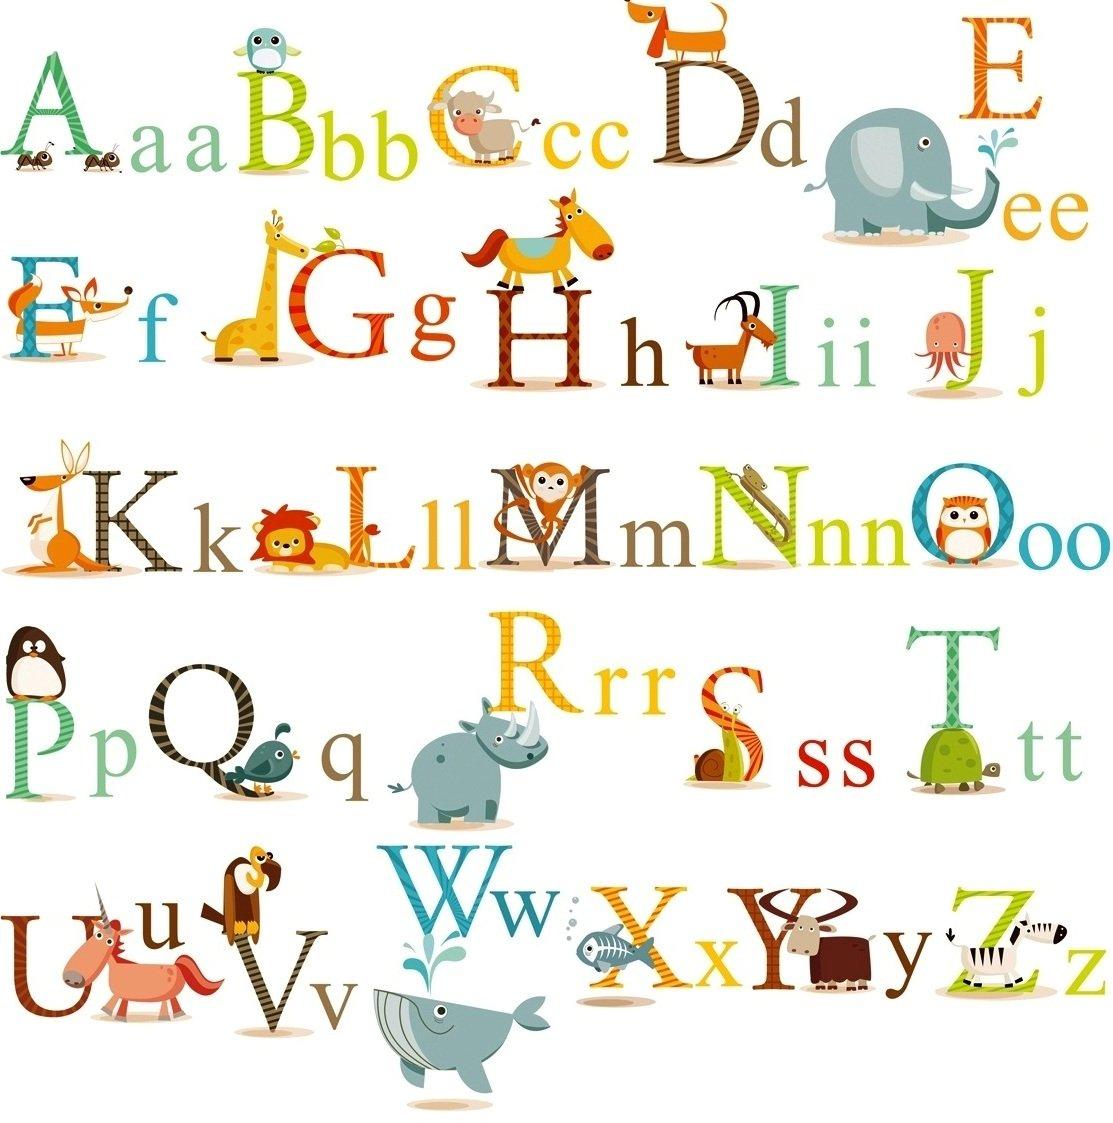 Amazon.com: Wall Décor - Nursery Décor: Baby